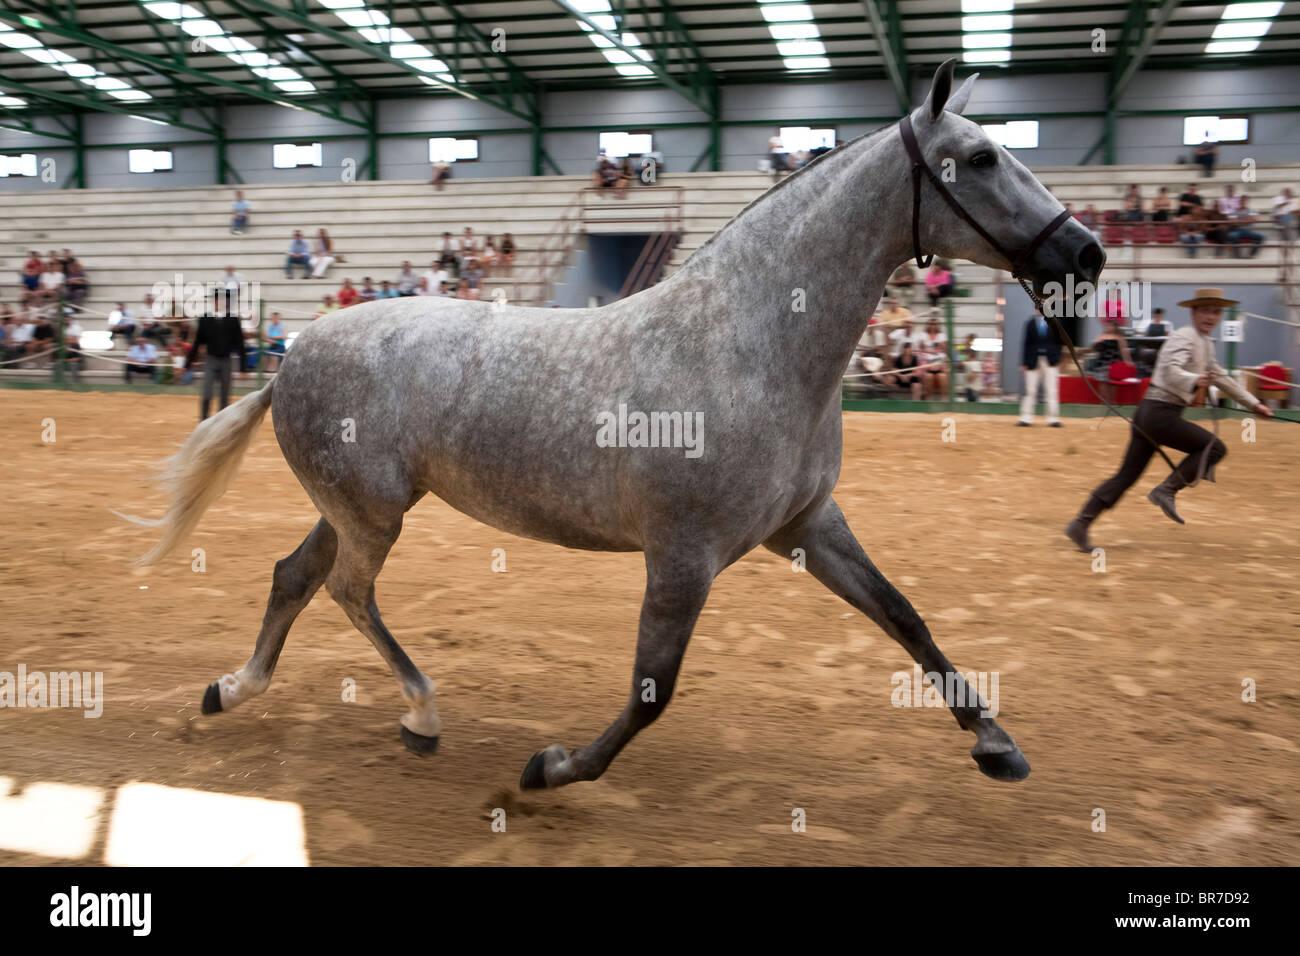 Morphologische Wettbewerb reinrassigen spanischen Pferden, Spanien Stockbild